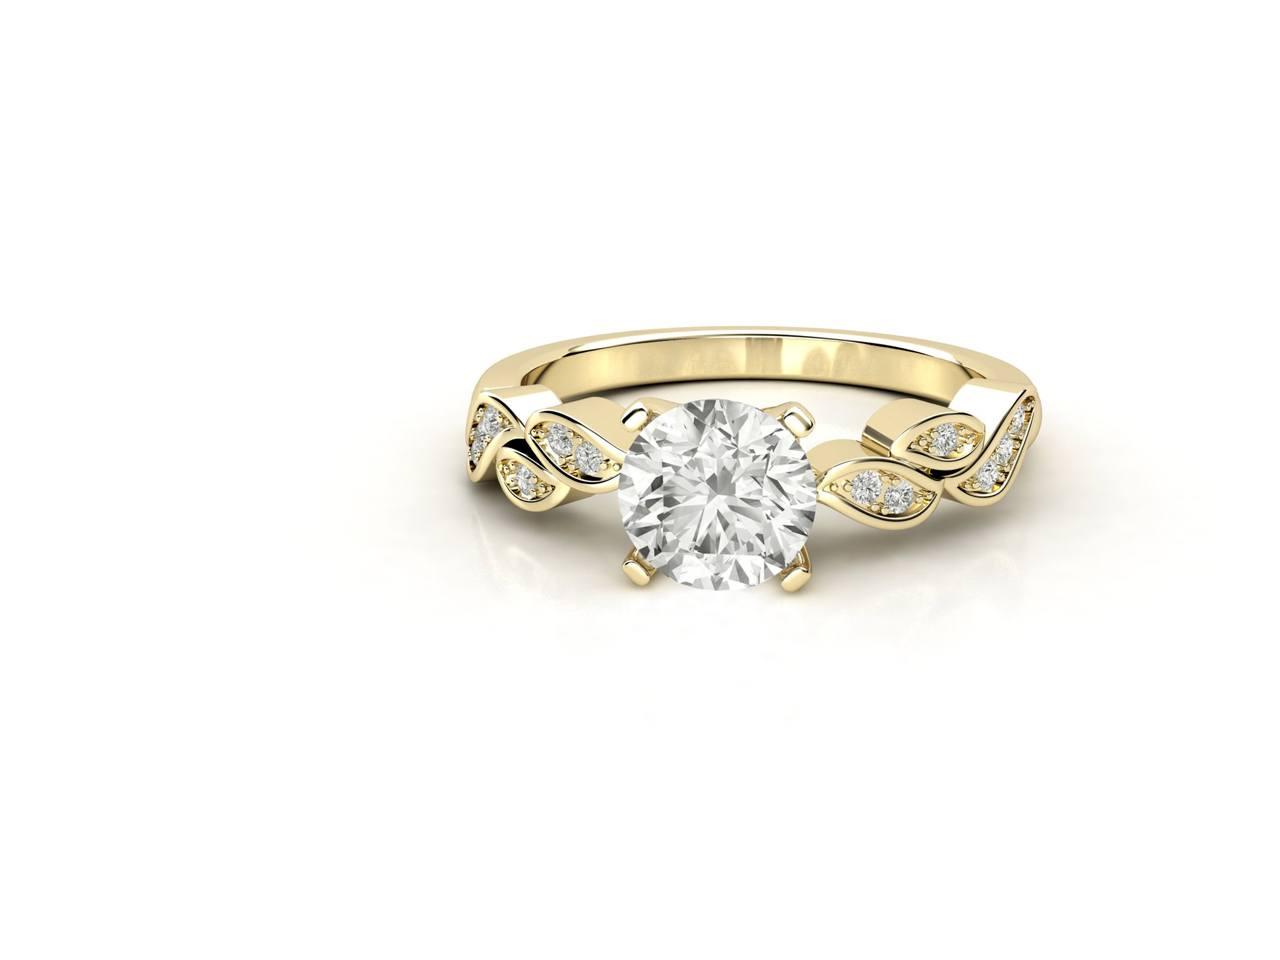 """טבעת-אירוסין-זהב-לבן-סוליטר-מעוצבת-בסגנון-מלכותי-קשת-עלים-סה""""כ-0.67"""